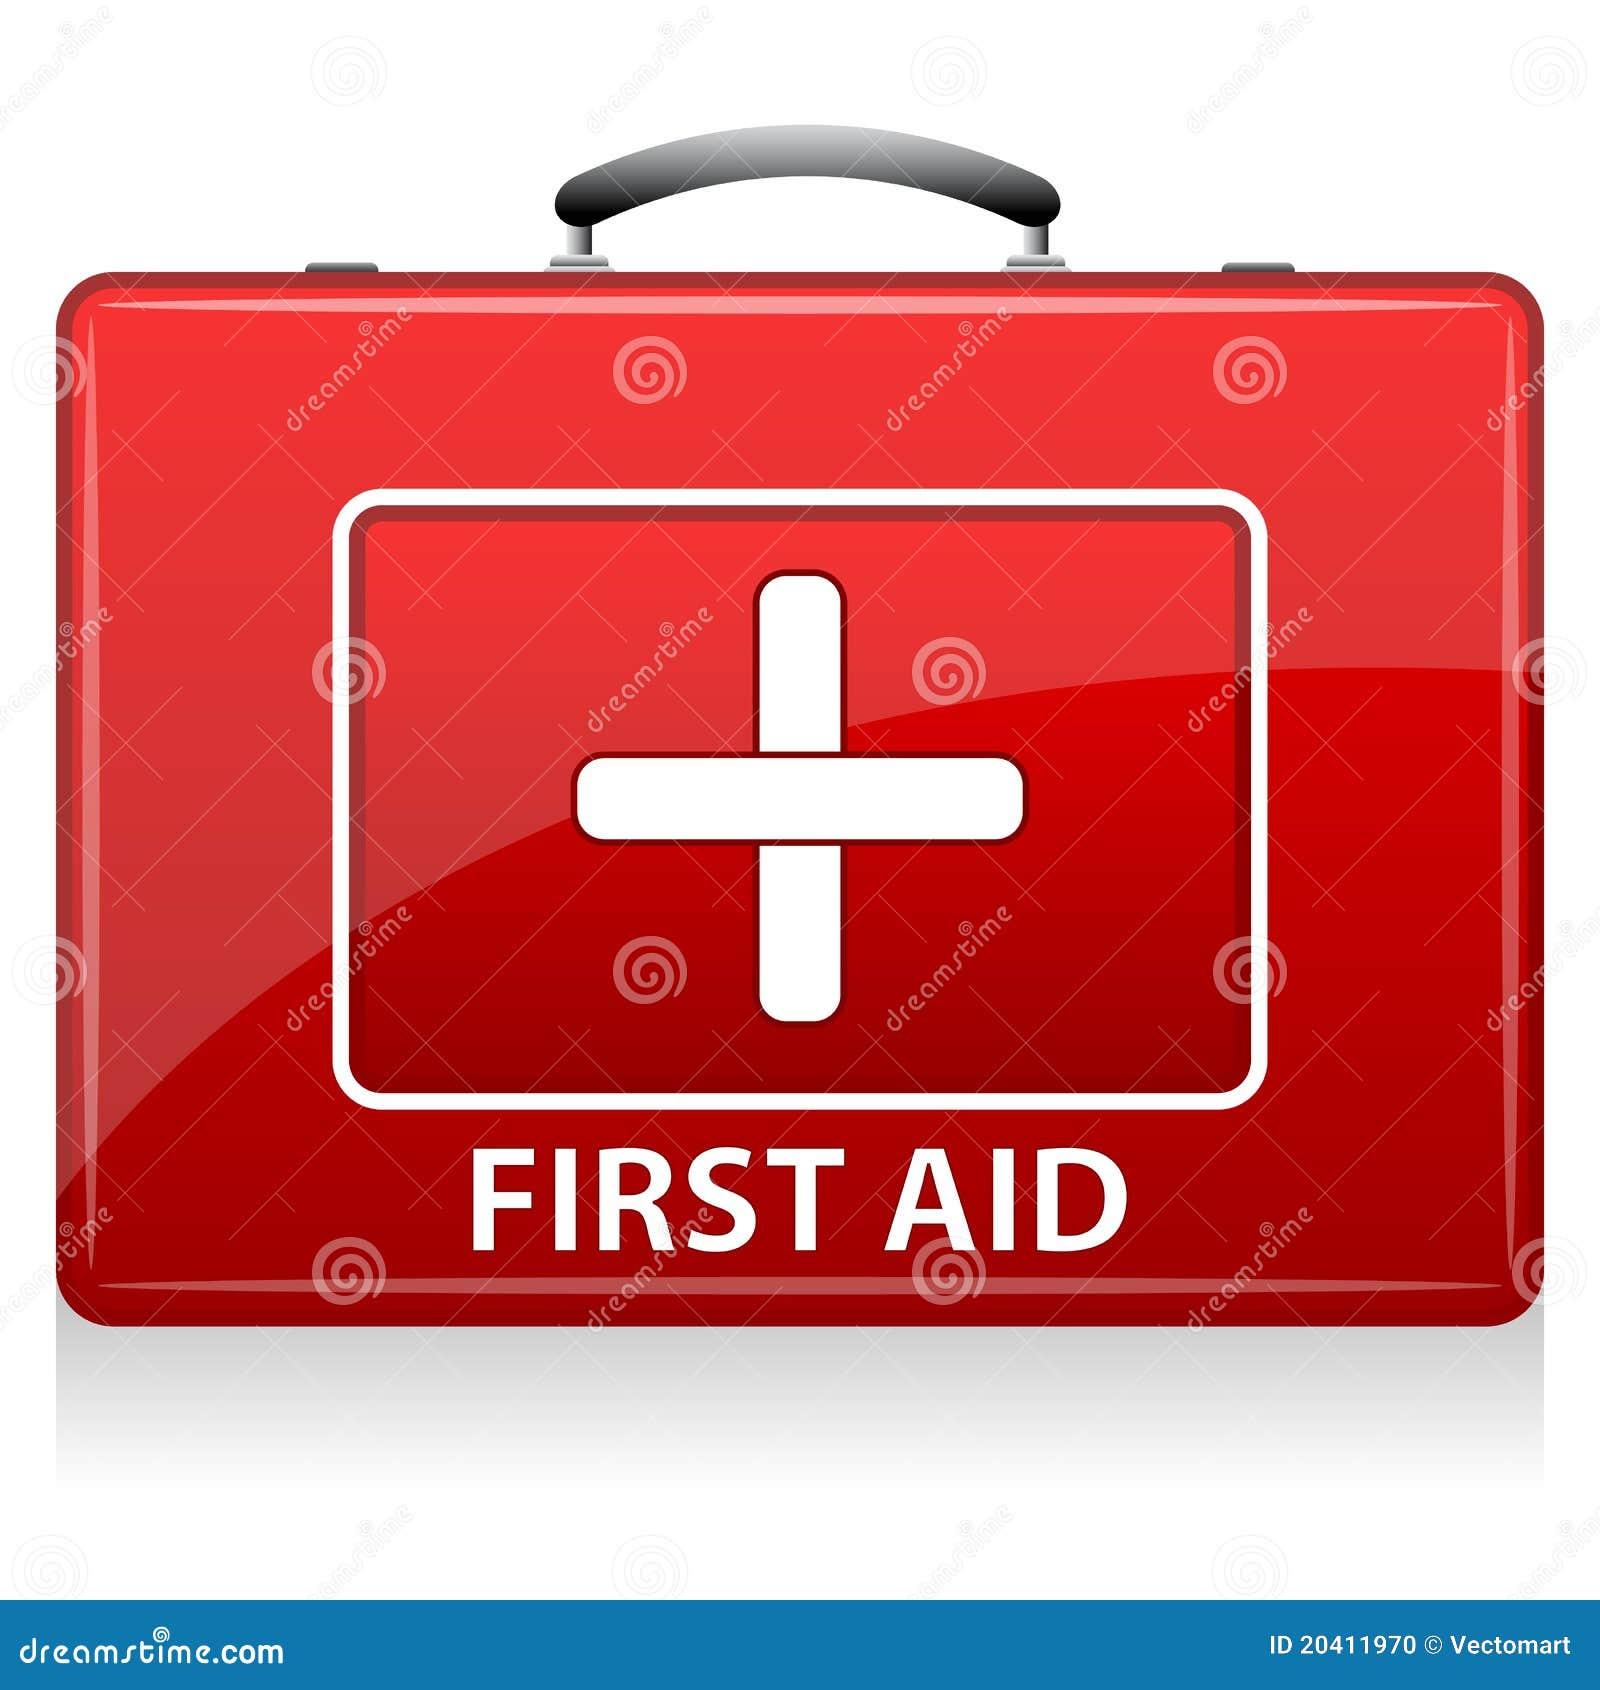 first aid essay